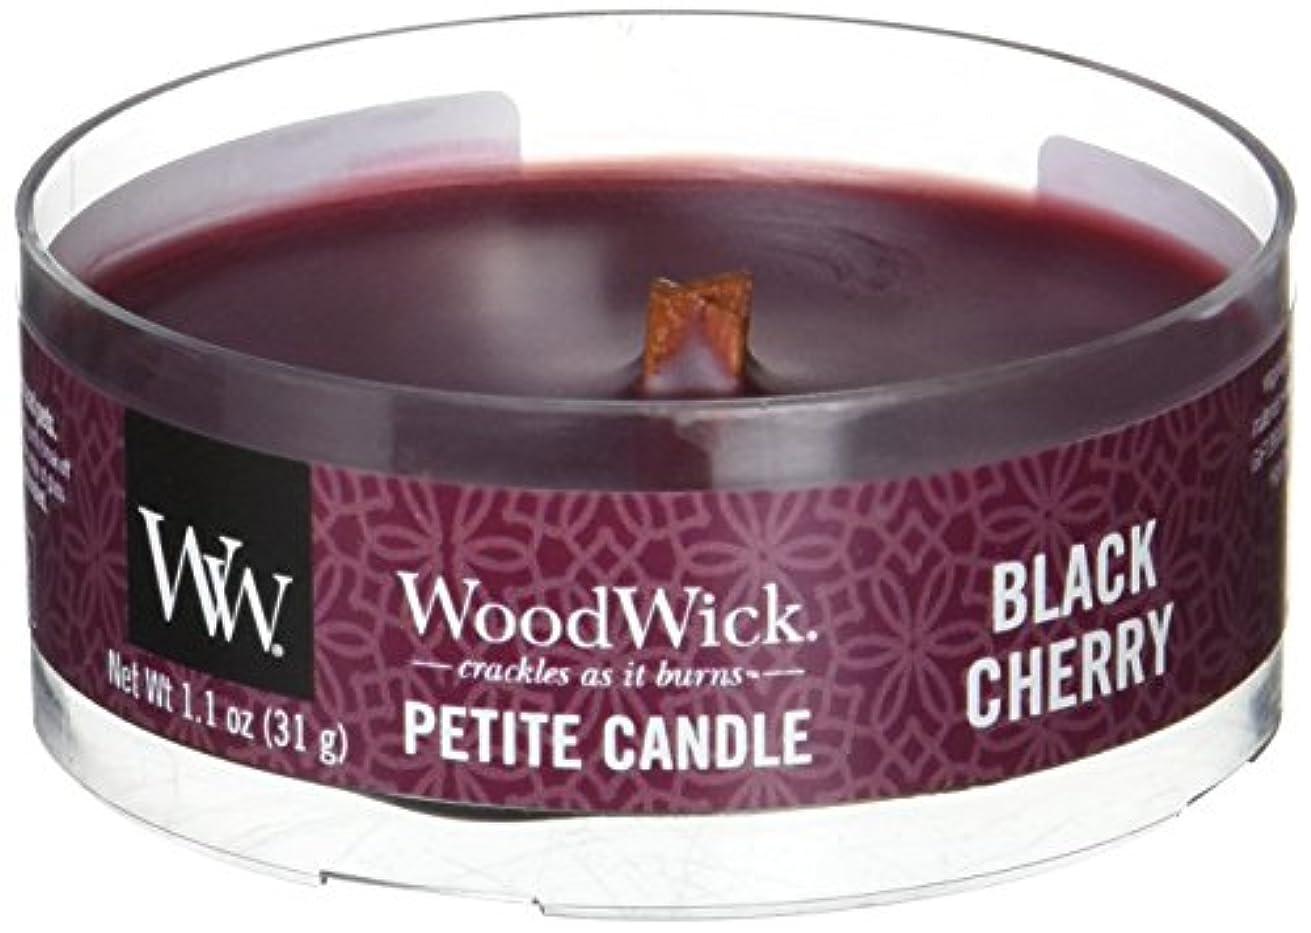 下刃興奮するWood Wick ウッドウィック プチキャンドル ブラックチェリー